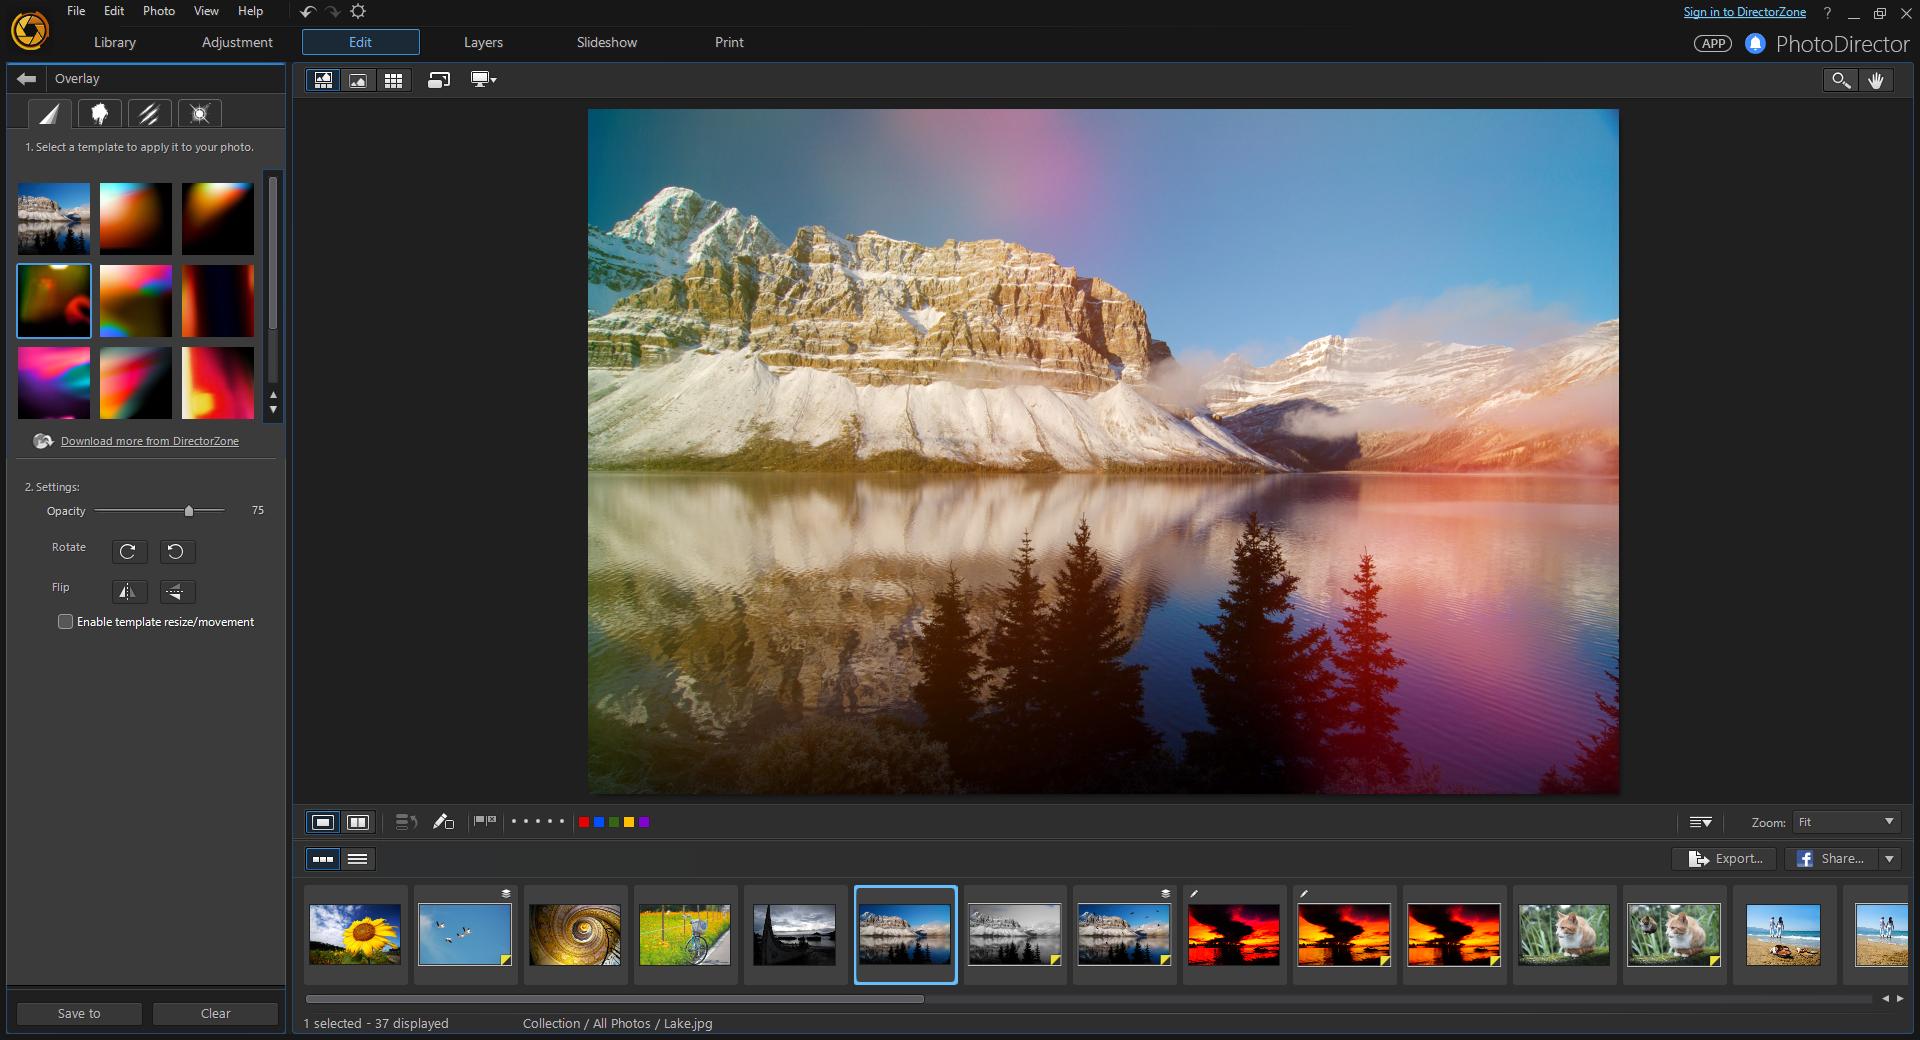 تحميل برنامج PhotoDirector فوتو دايركتور img3File.png